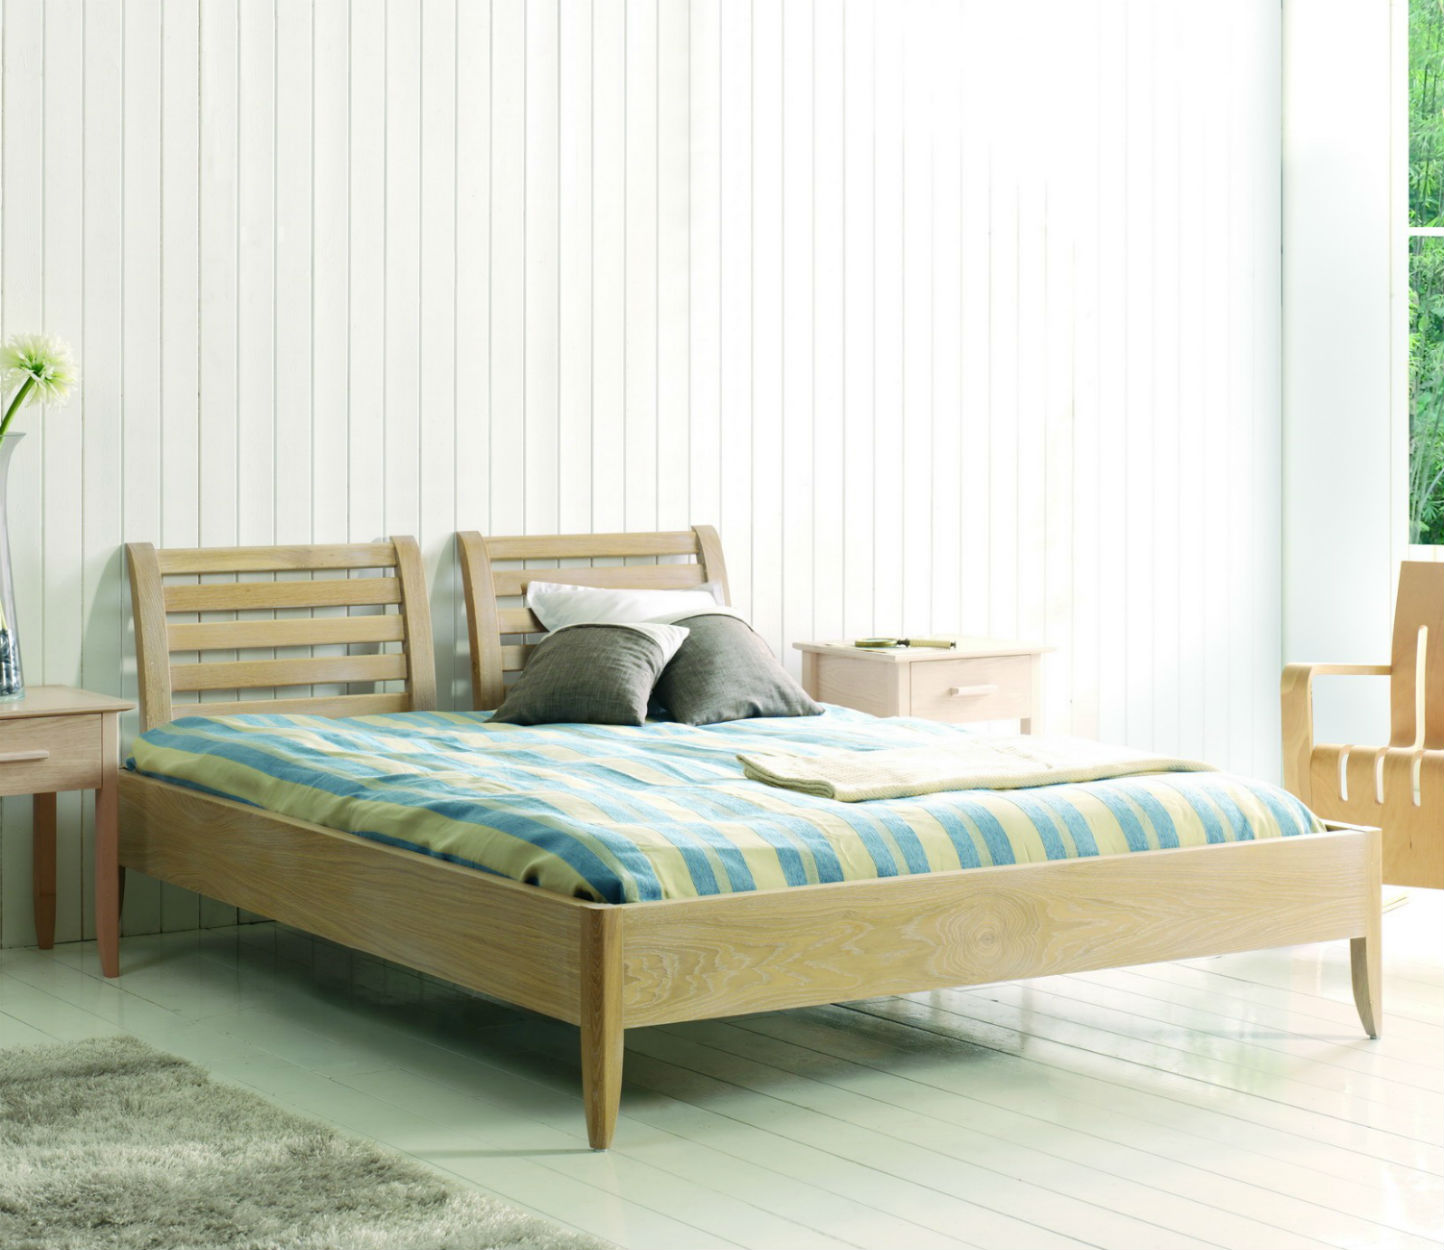 lit adulte en bois massif